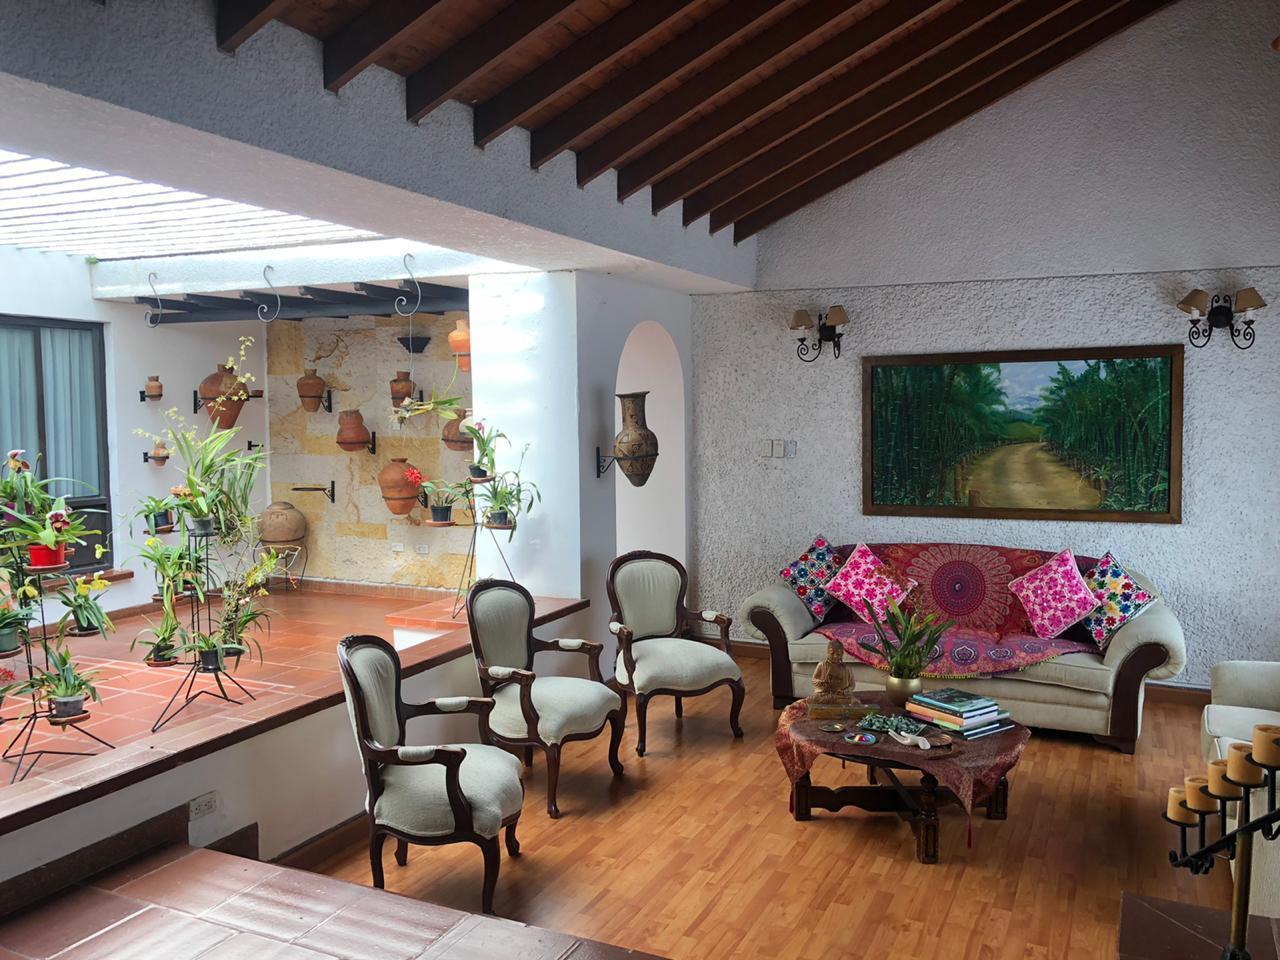 99247 - Hermosa casa en uno de los mejores barrios residenciales de Armenia